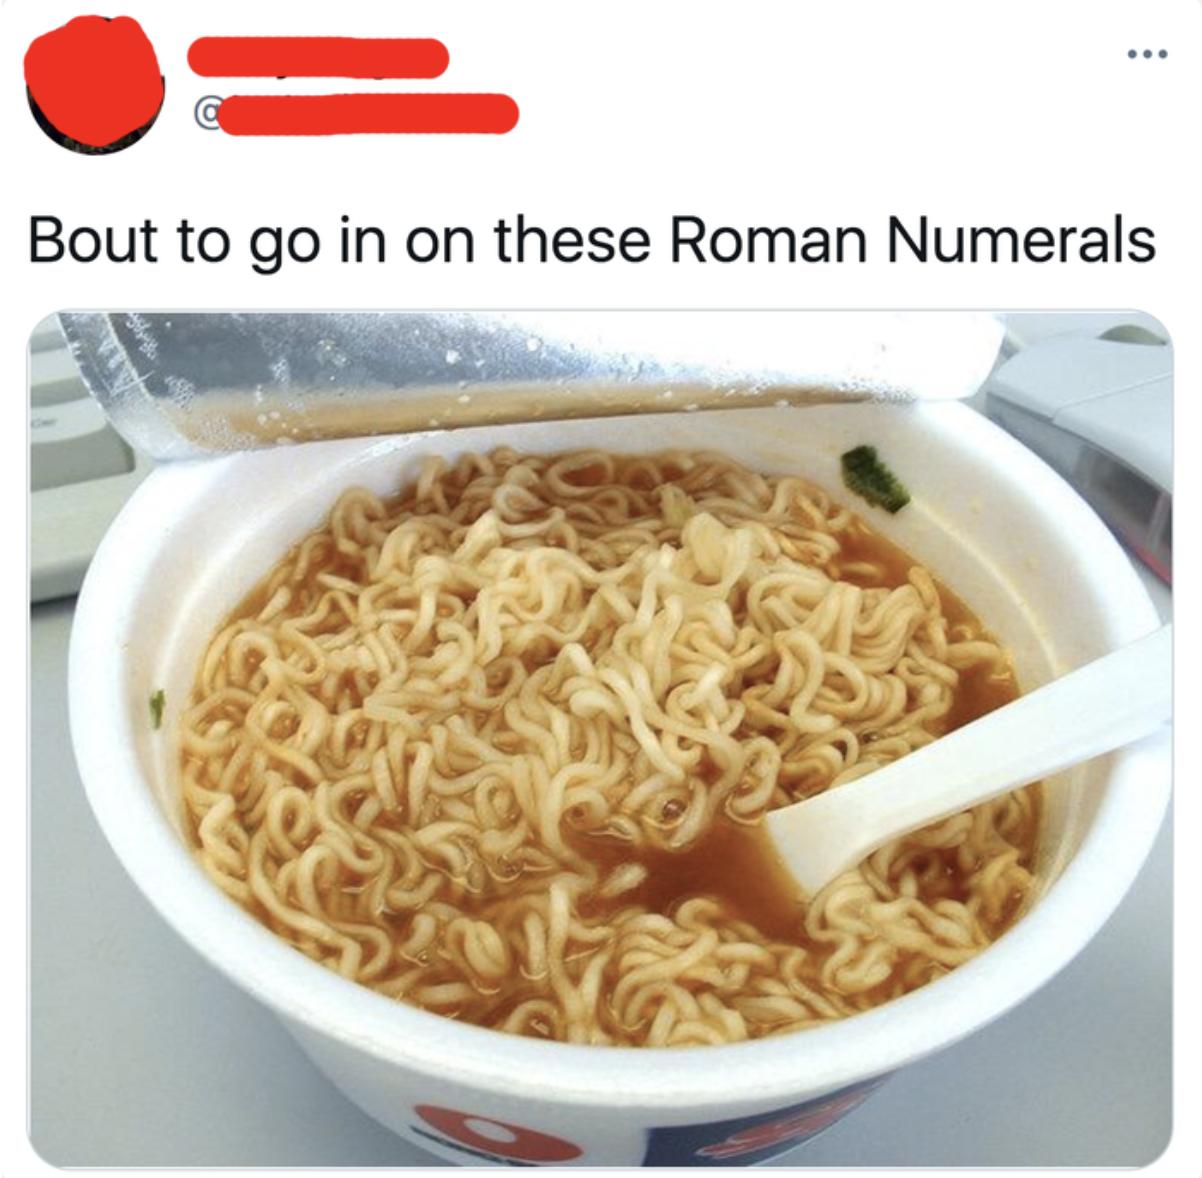 person calling them roman numerals not ramen noodles